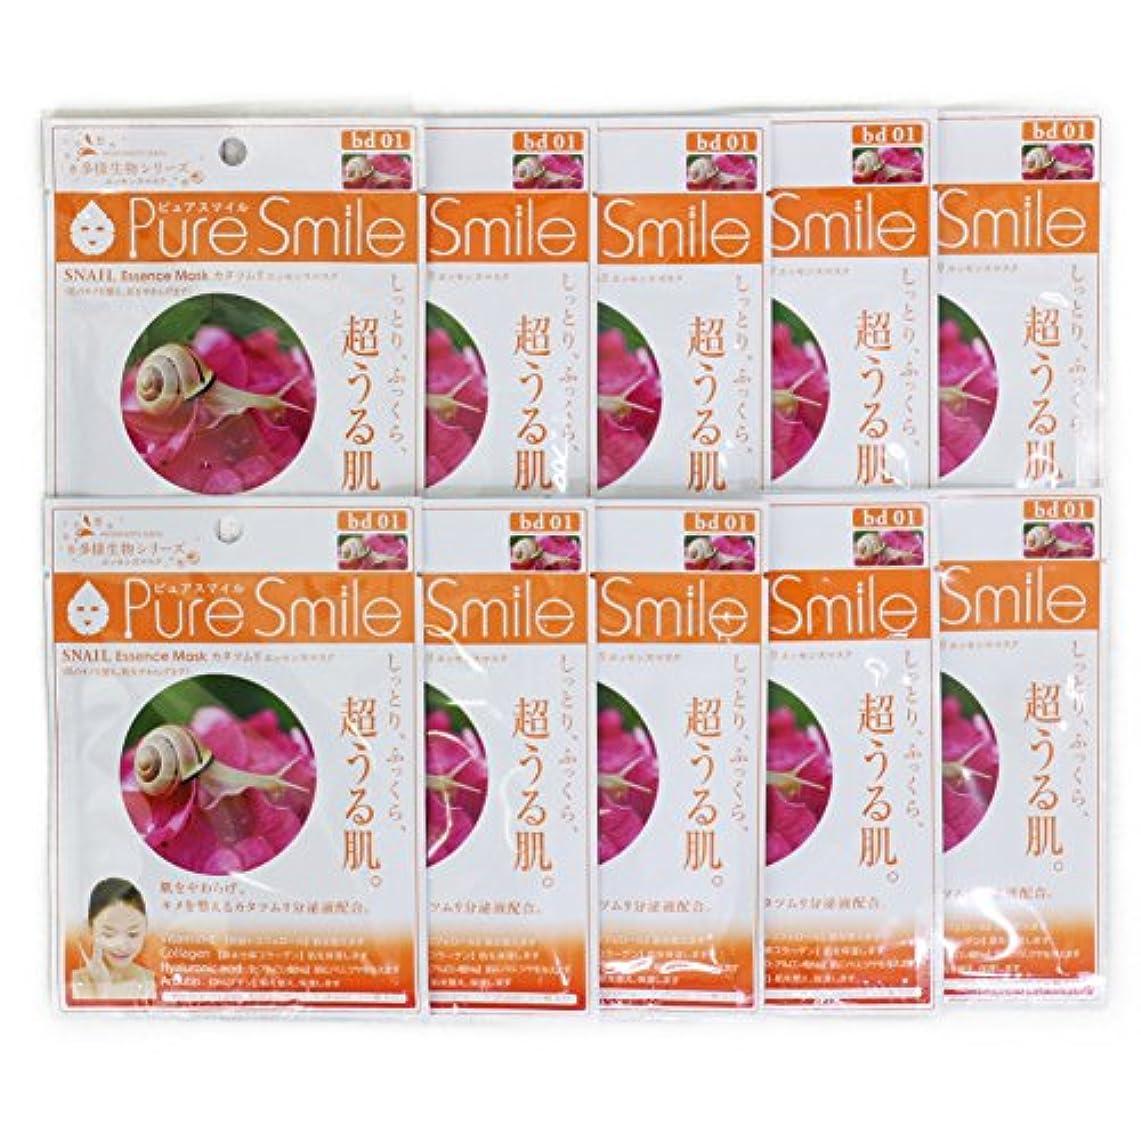 宙返り食堂請求書Pure Smile ピュアスマイル 多様生物エッセンスマスク カタツムリ 10枚セット